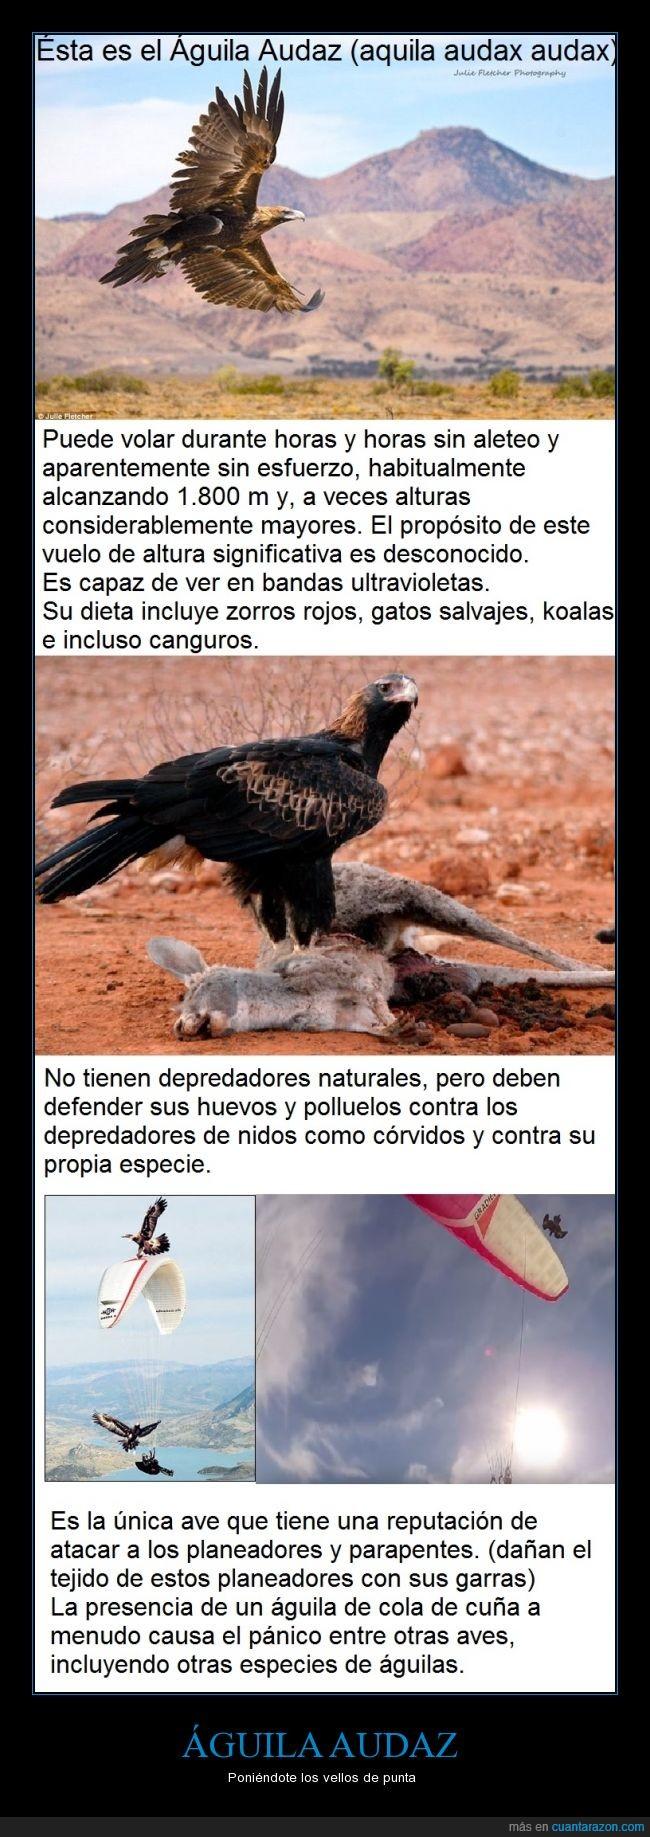 águila,ataca parapentes,atacar,audaz,australiana,come canguros